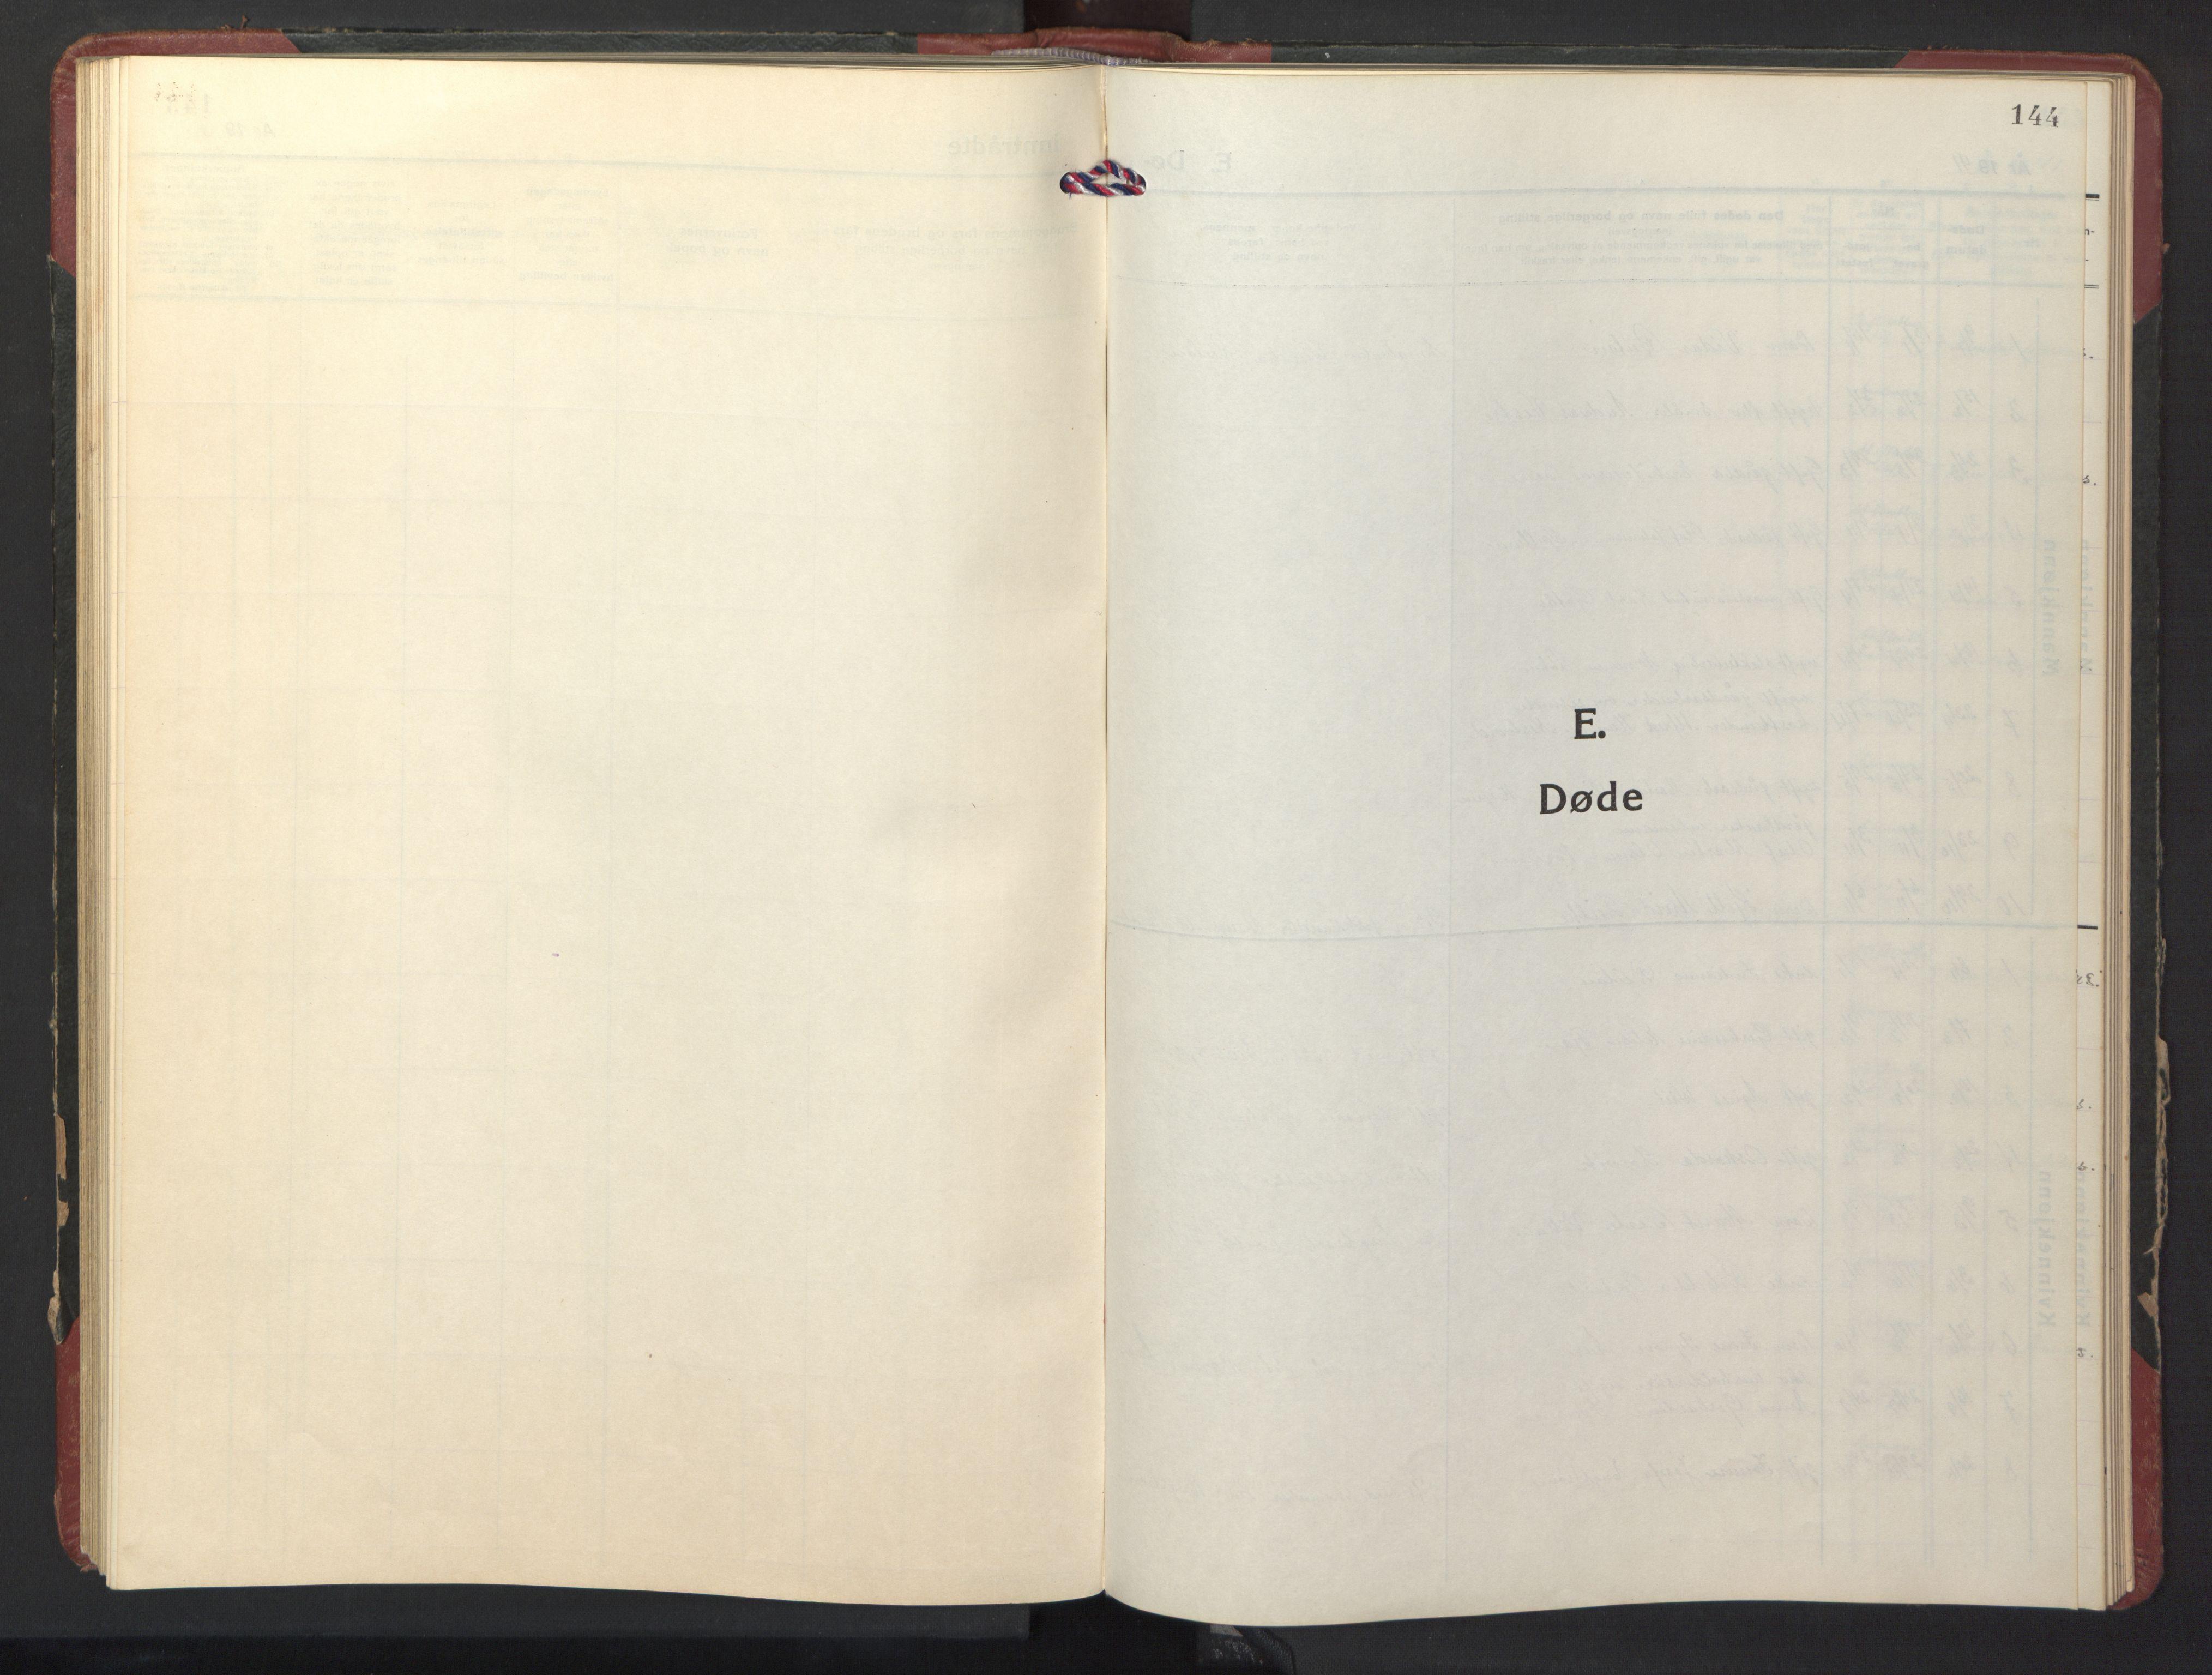 SAT, Ministerialprotokoller, klokkerbøker og fødselsregistre - Nord-Trøndelag, 770/L0592: Klokkerbok nr. 770C03, 1941-1950, s. 144